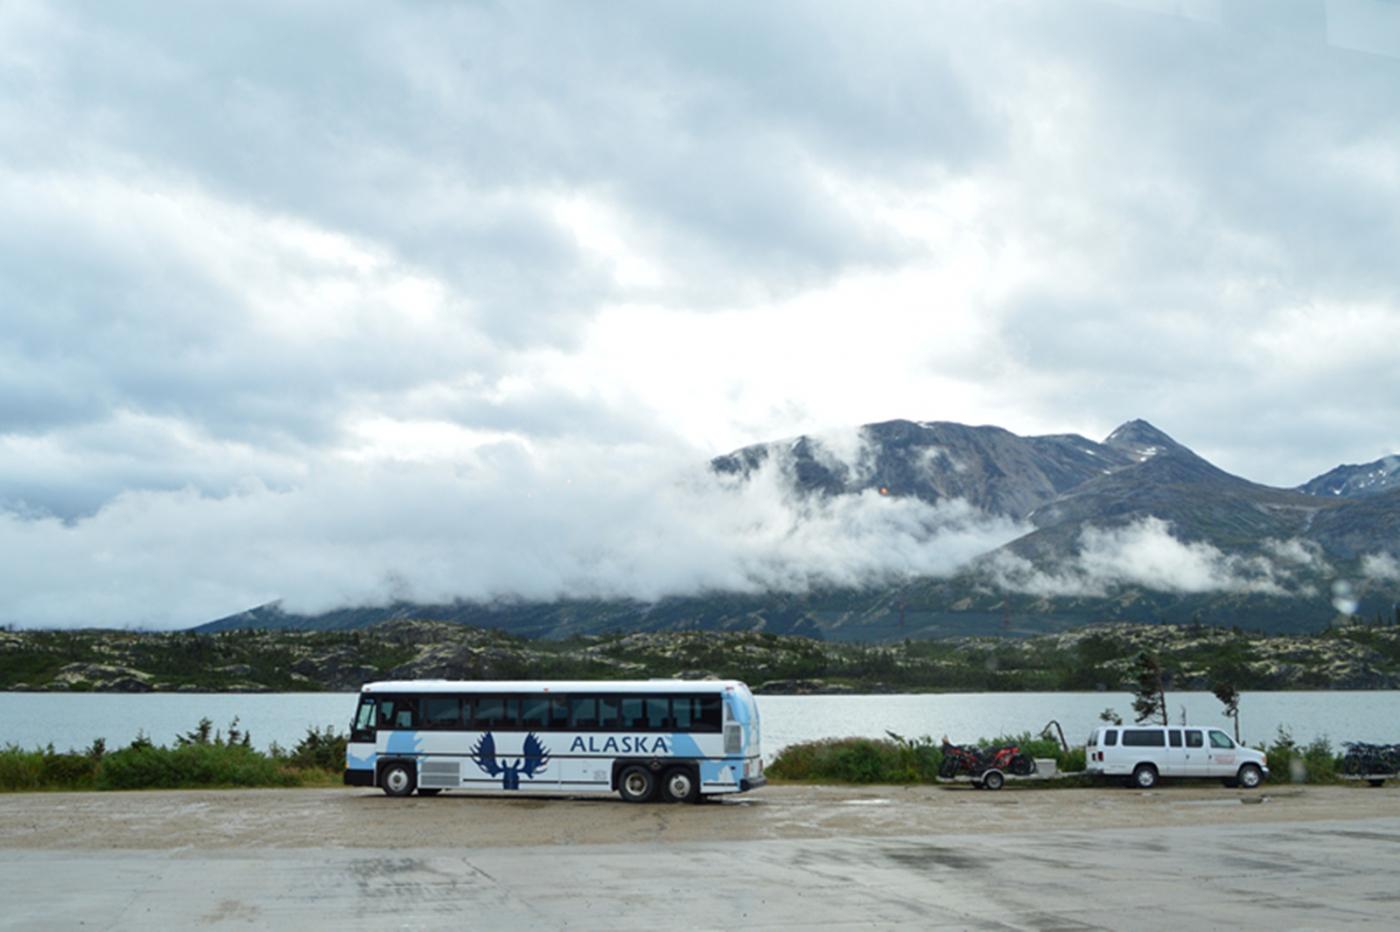 阿拉斯加,那山、那水、那人……_图1-35